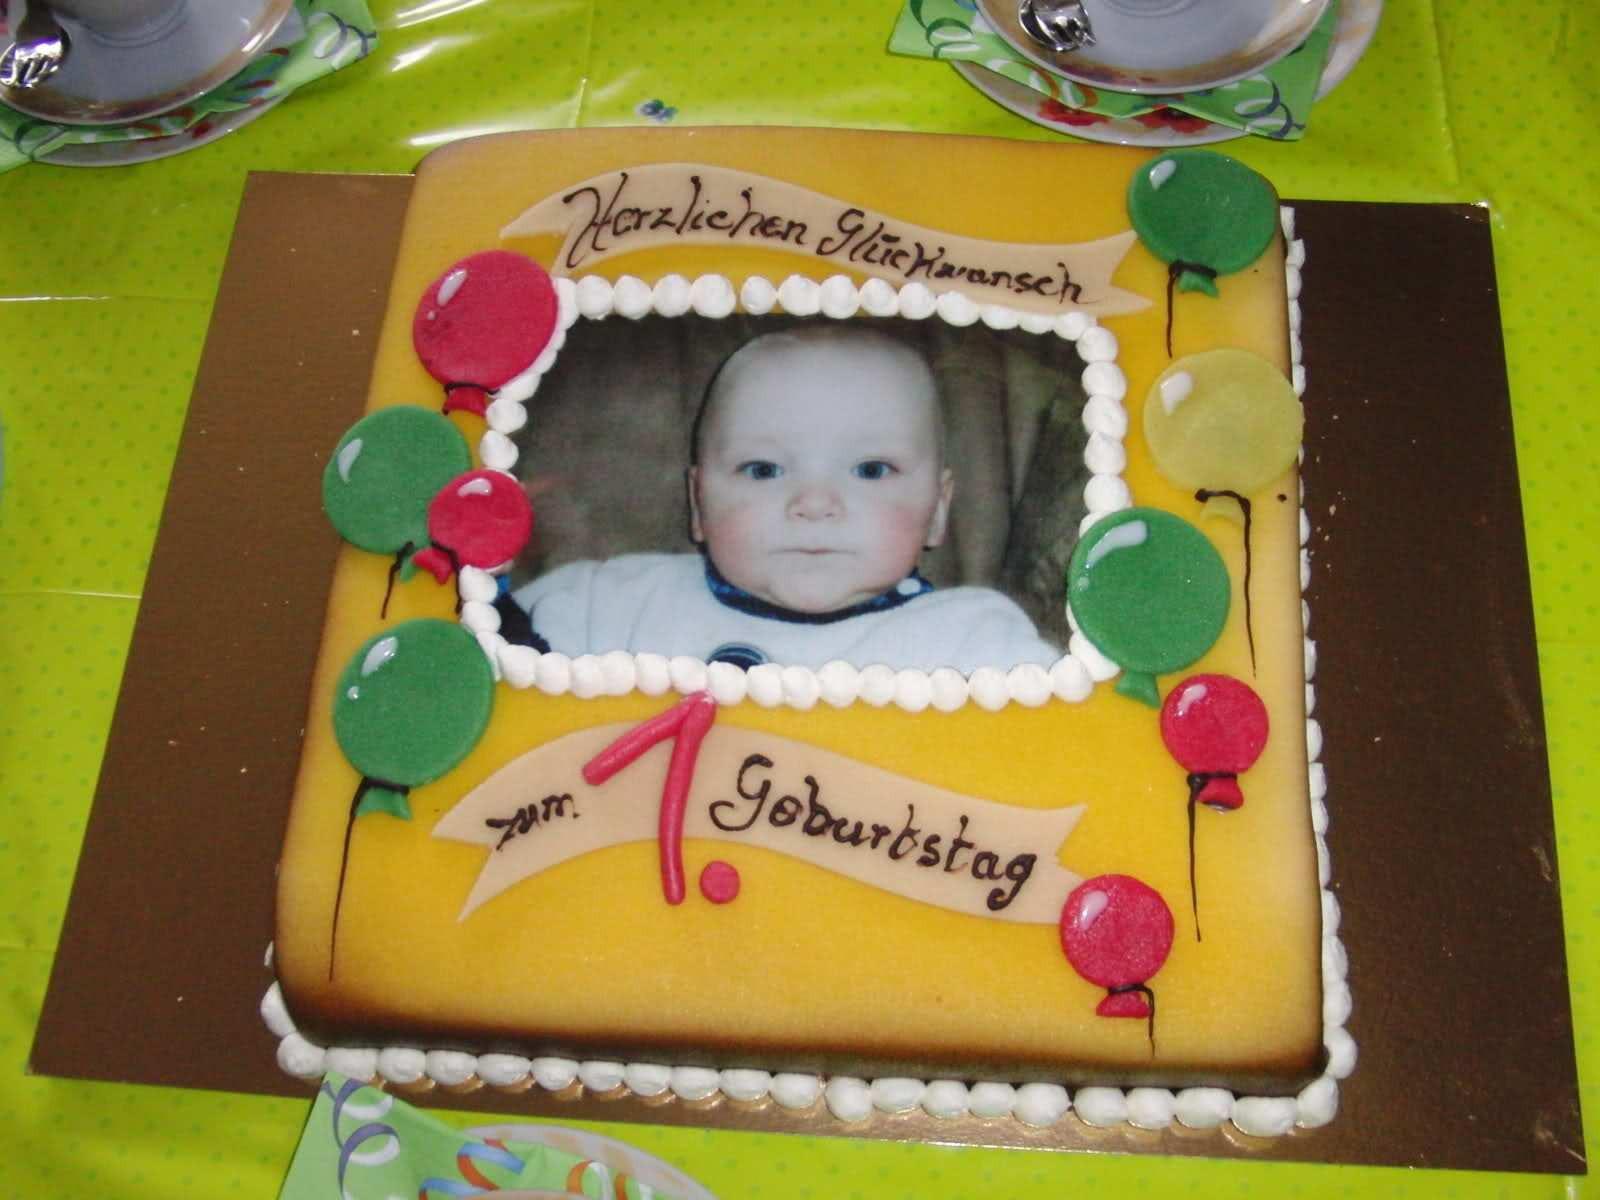 Geburtstagstorte 1 Jahr Junge  Geburtstagstorte 1 Jahr Junge Geburtstagstorte